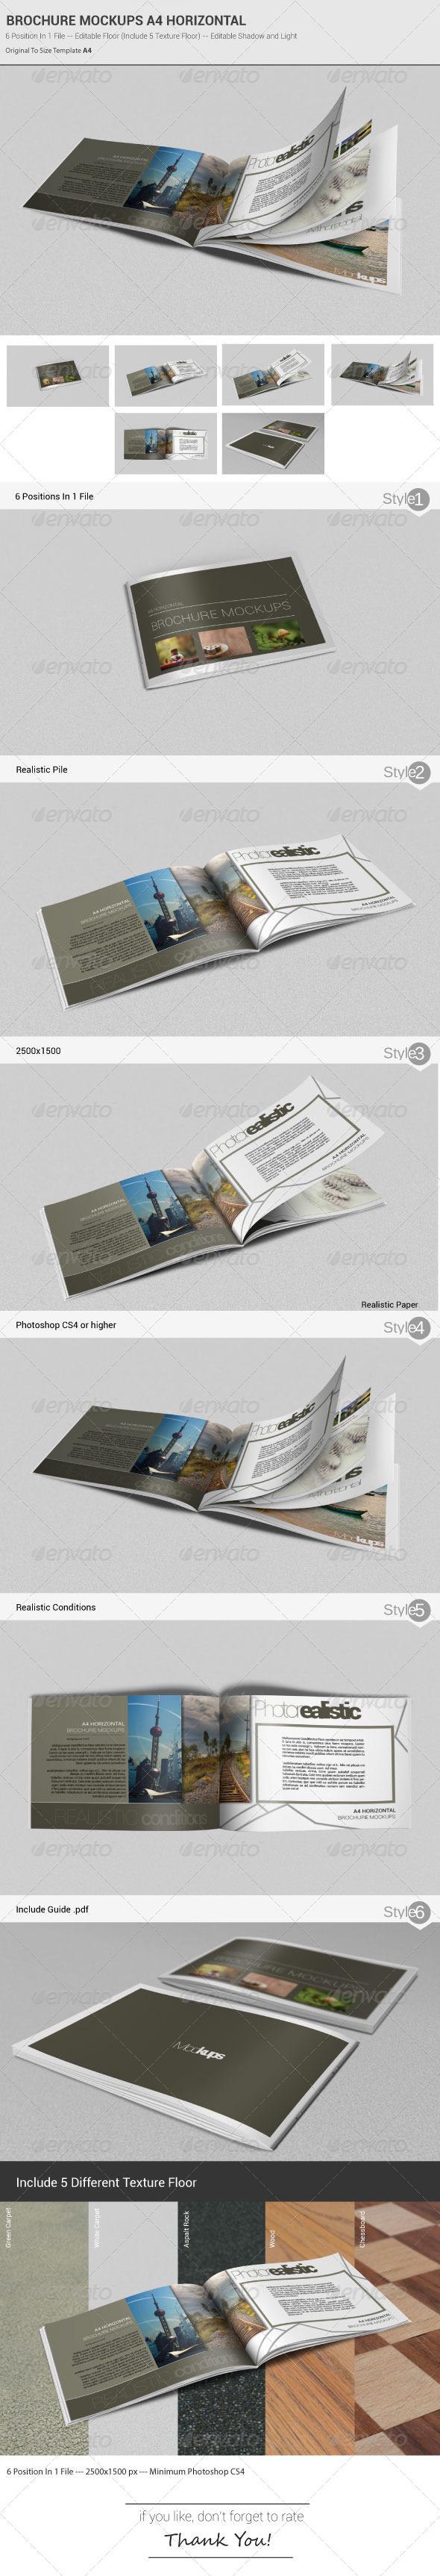 Brochure Mockups A4 Horizontal - Brochures Print